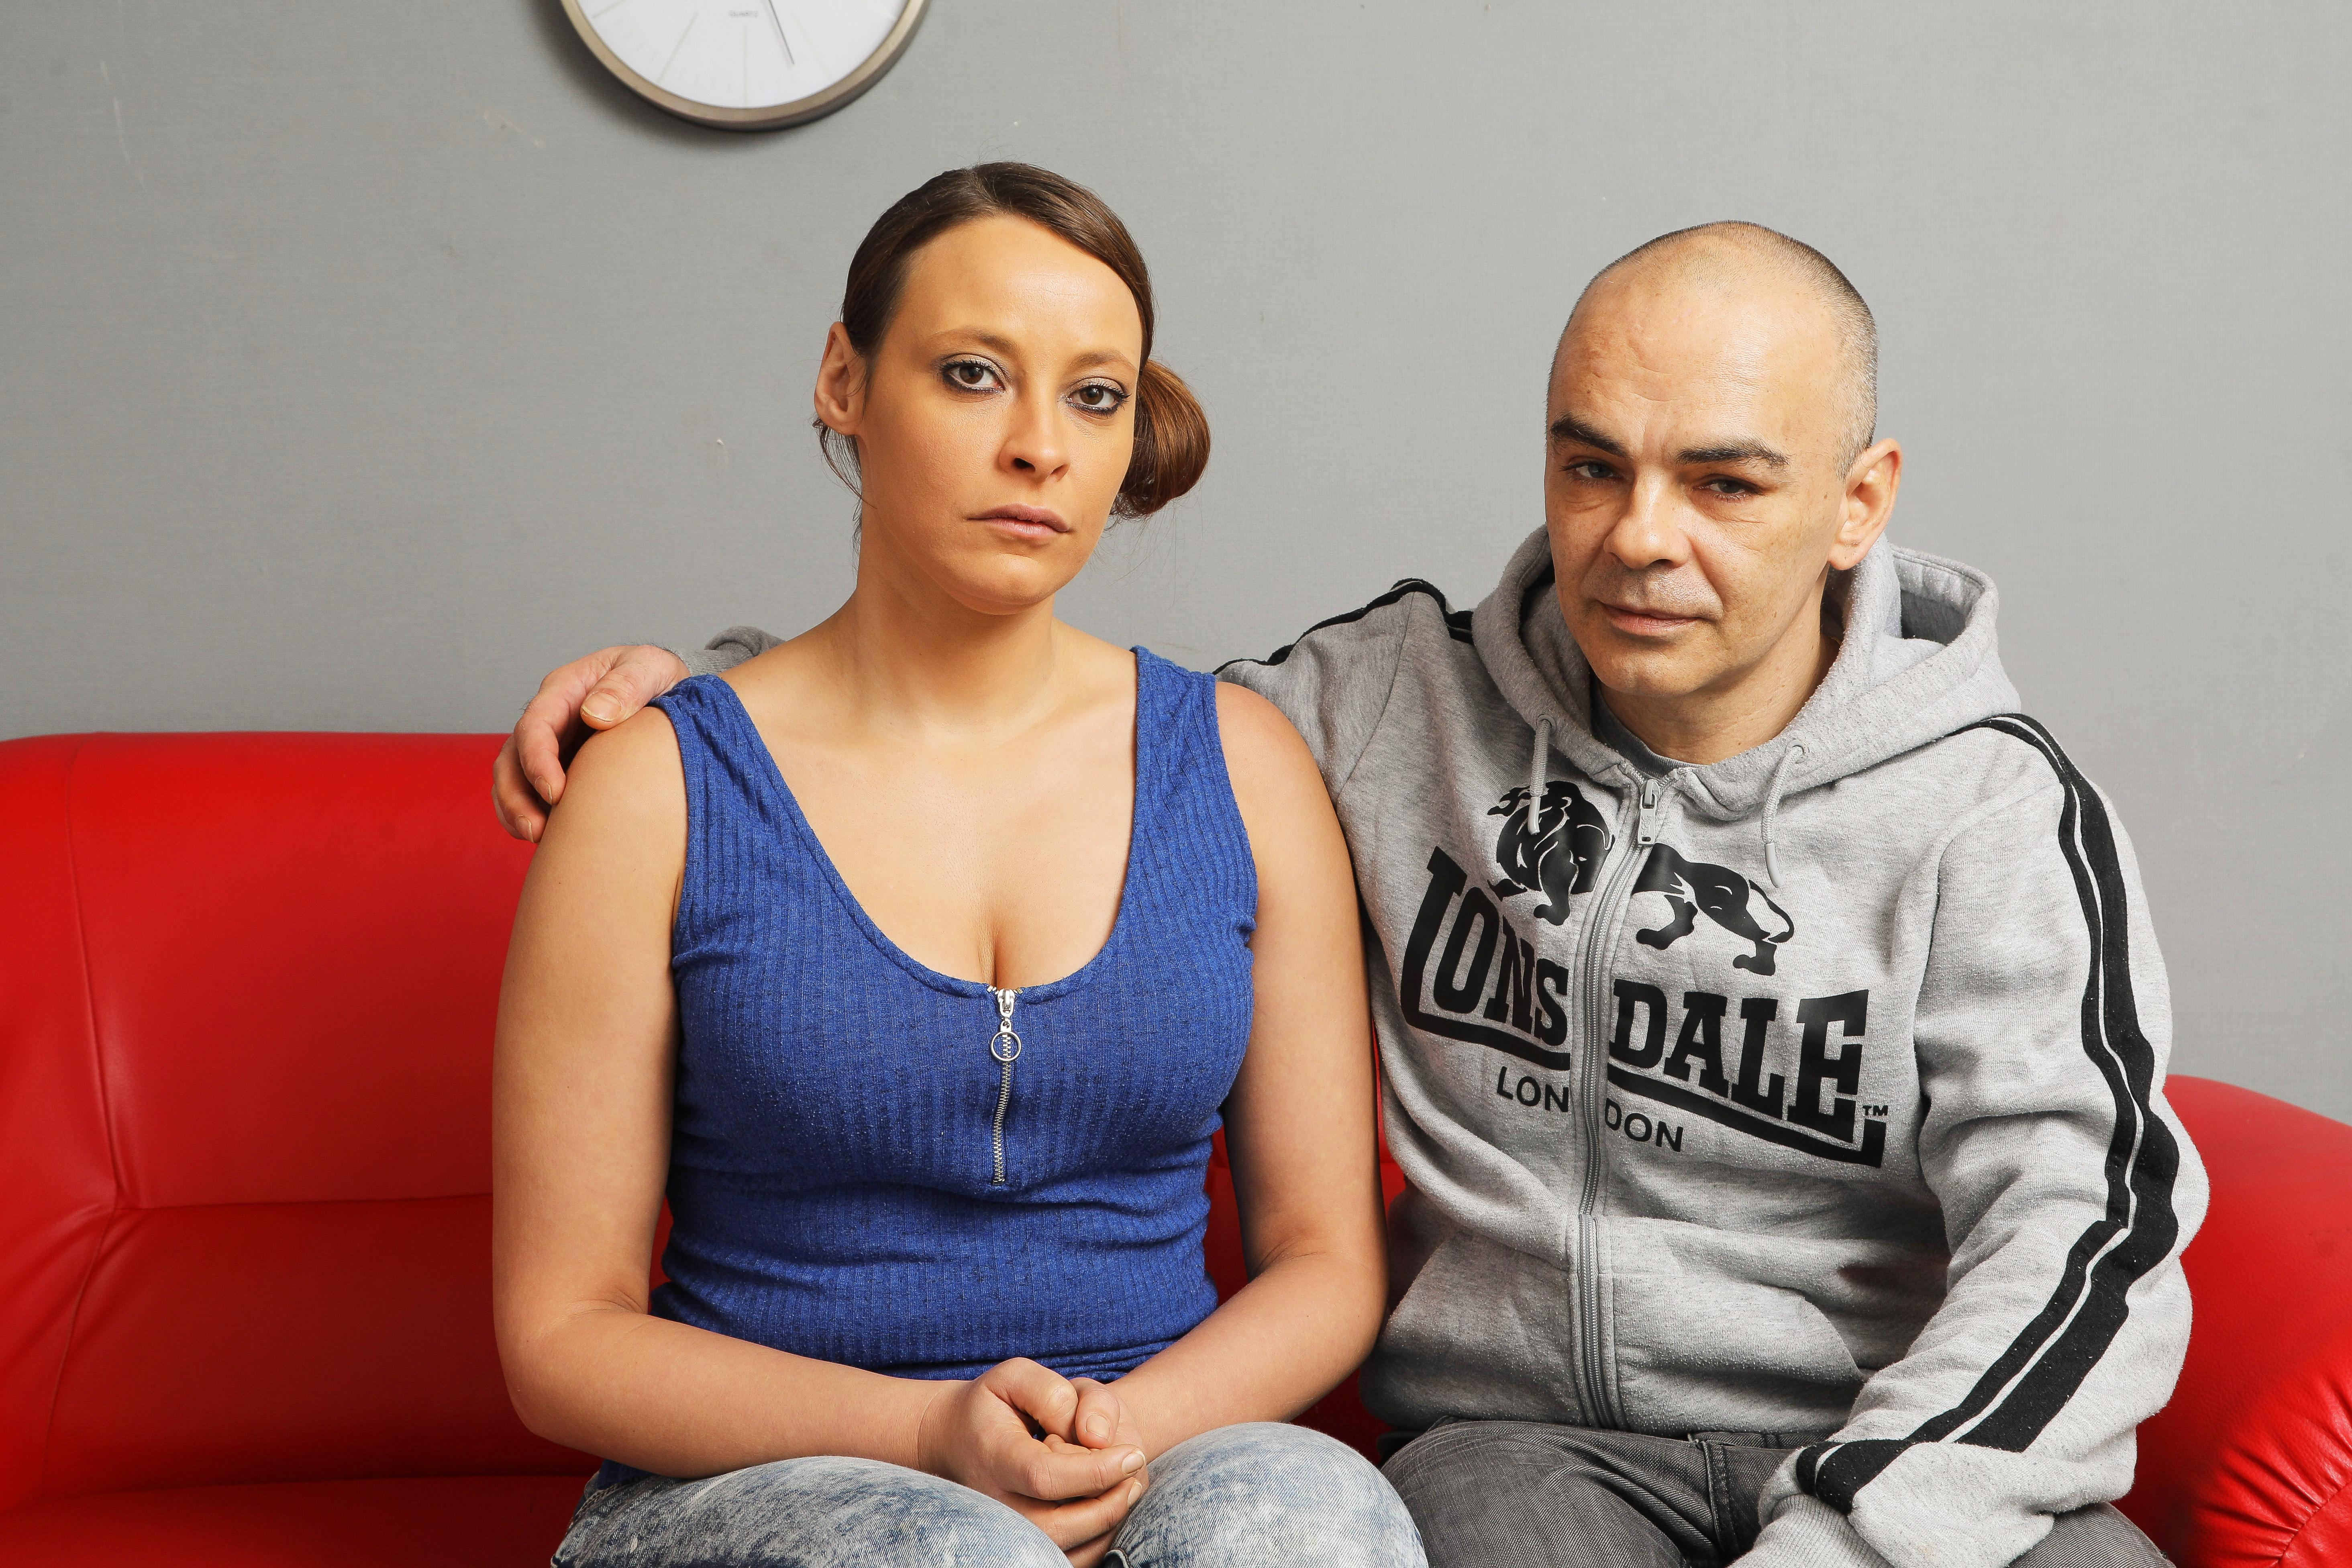 Egy nyolcvanéves férfinek is lehet gond a merevedési zavar – megszólal az andrológus